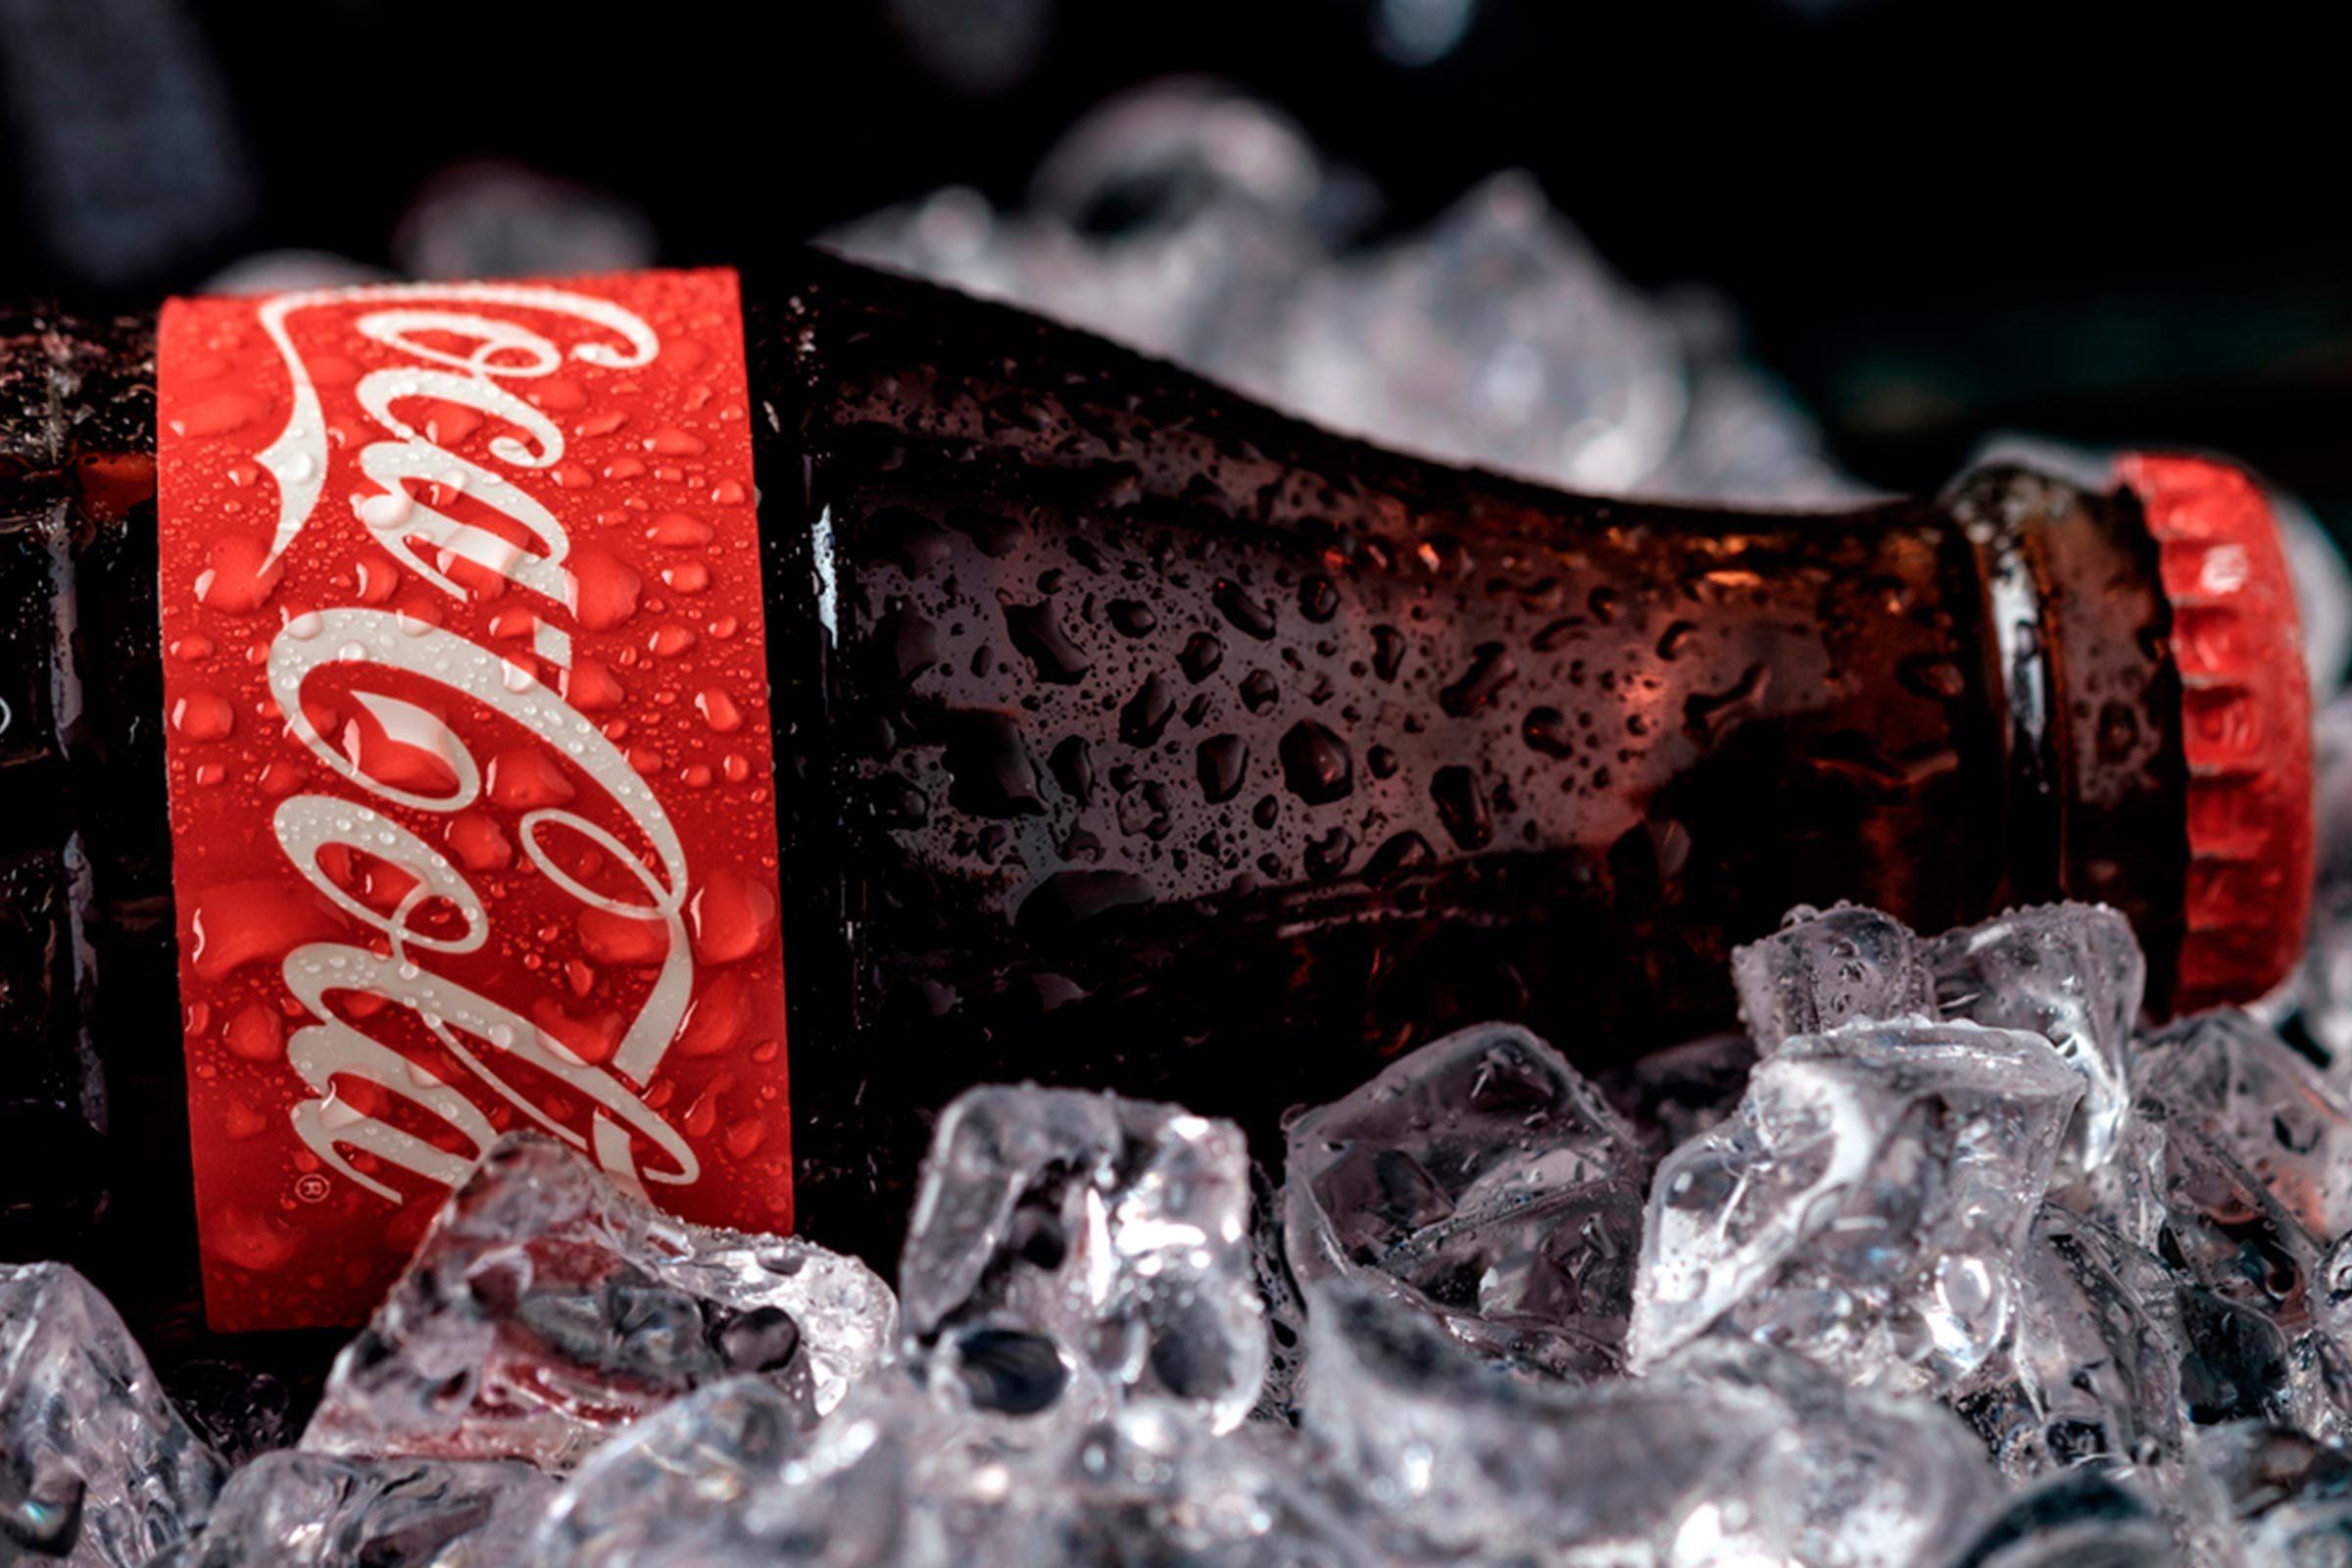 Coca cola on ice